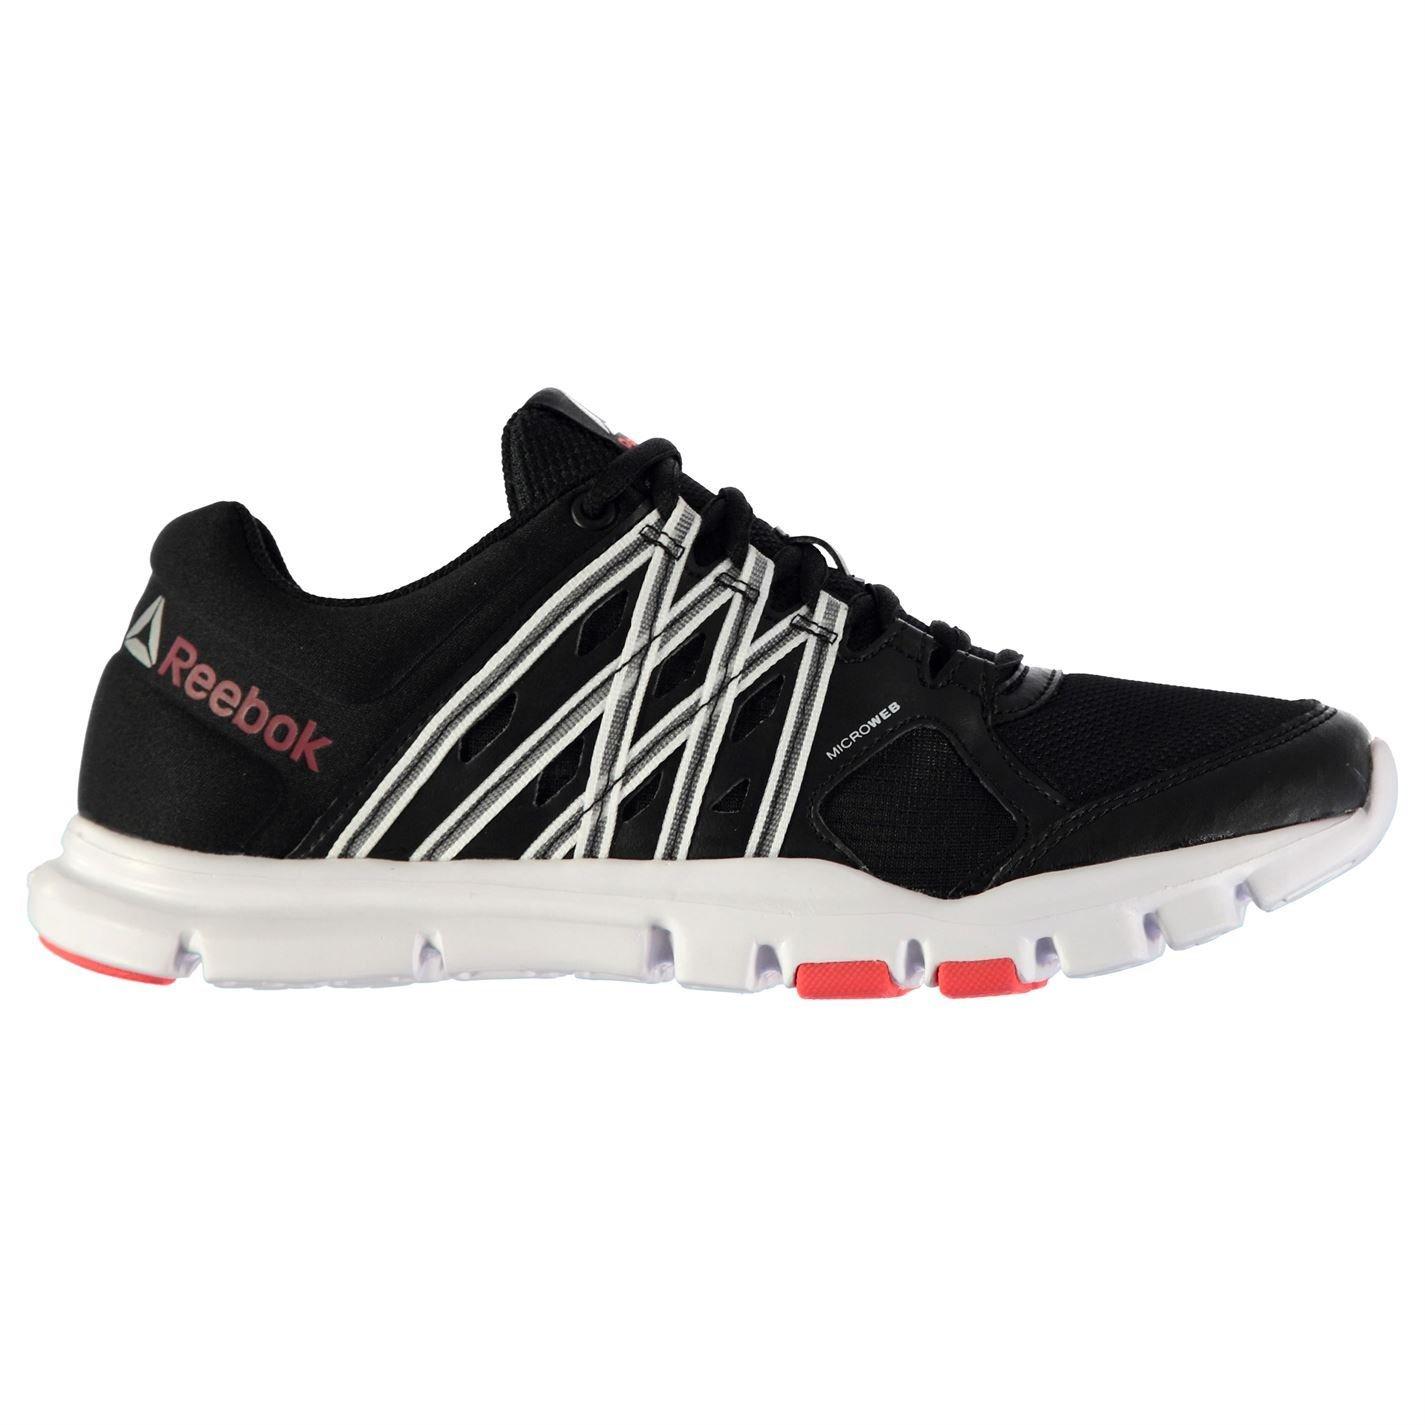 Reebok Yourflex Damen-Sportschuhe schwarz weiß kirsch Laufschuhe Turnschuhe